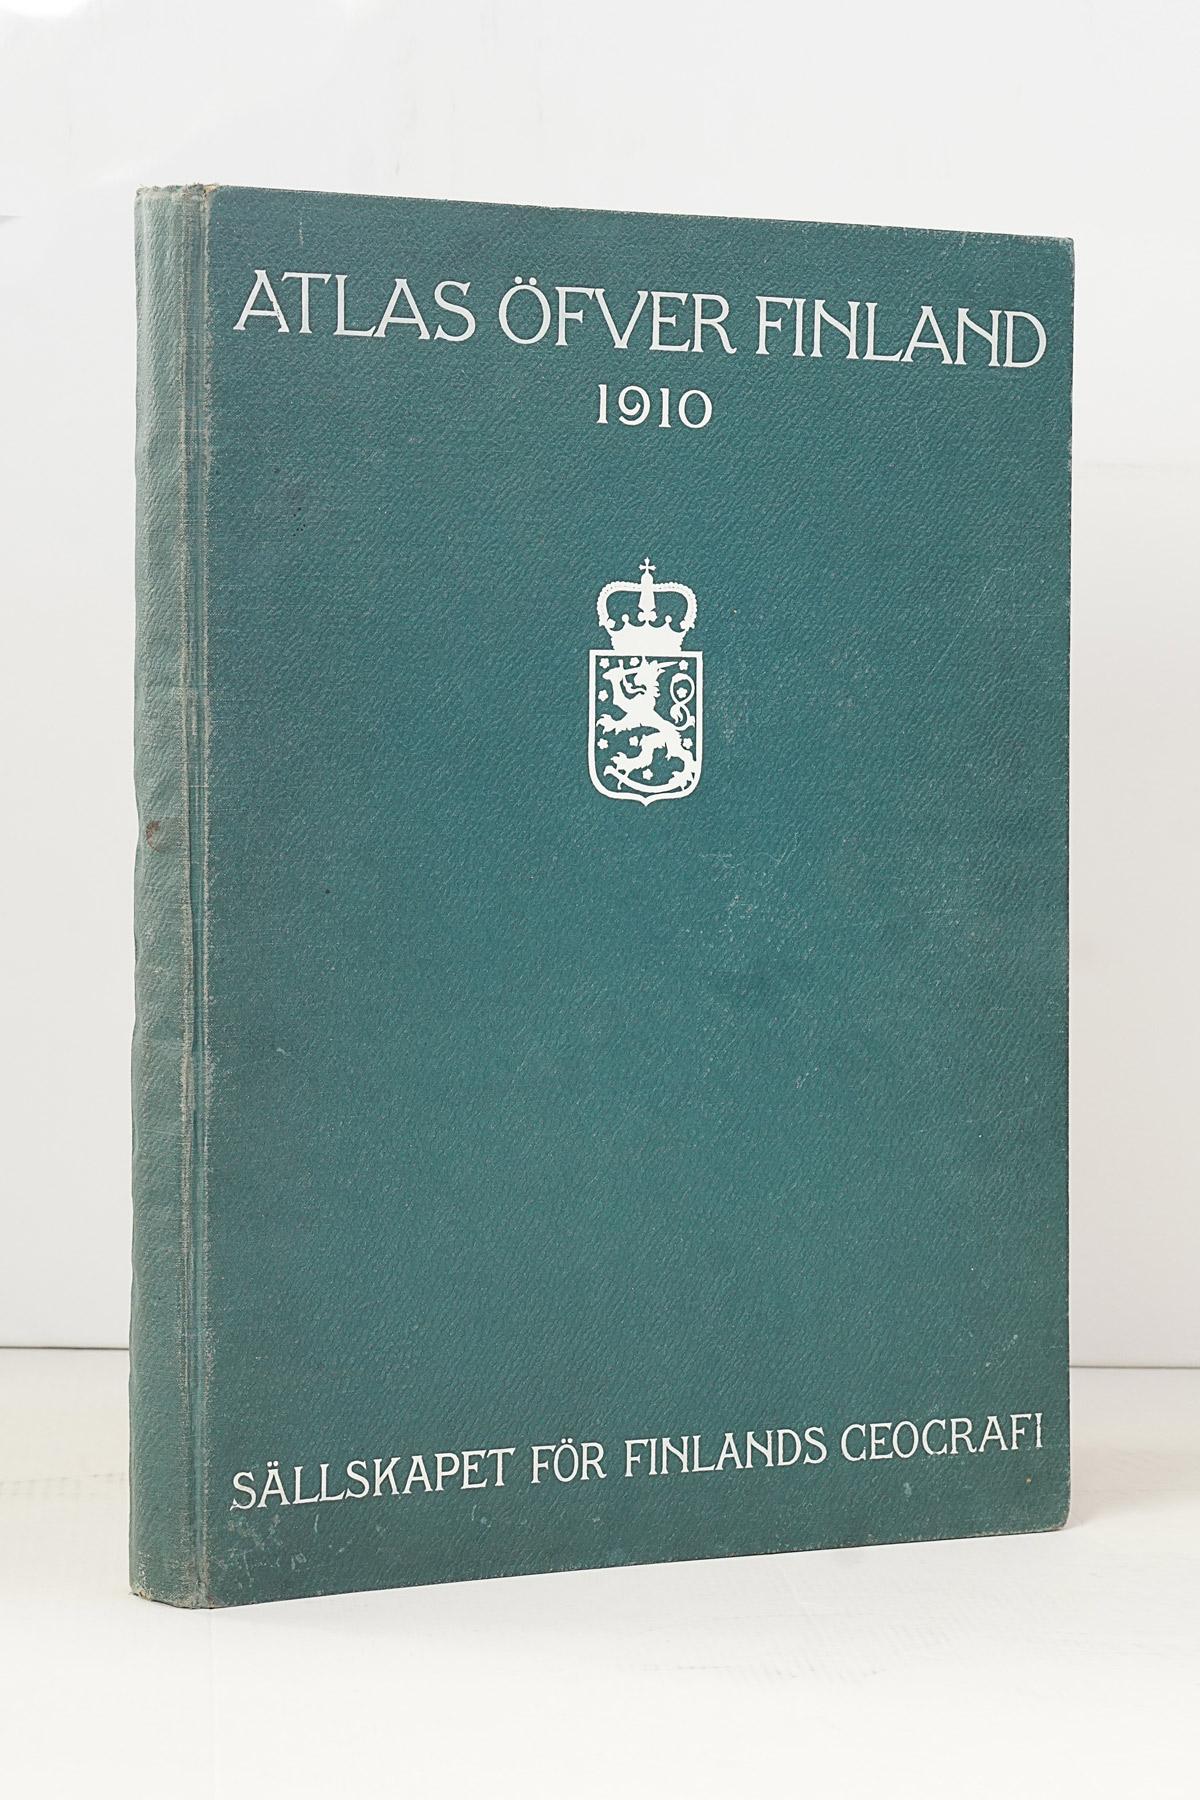 Atlas öfver Finland, Second Edition